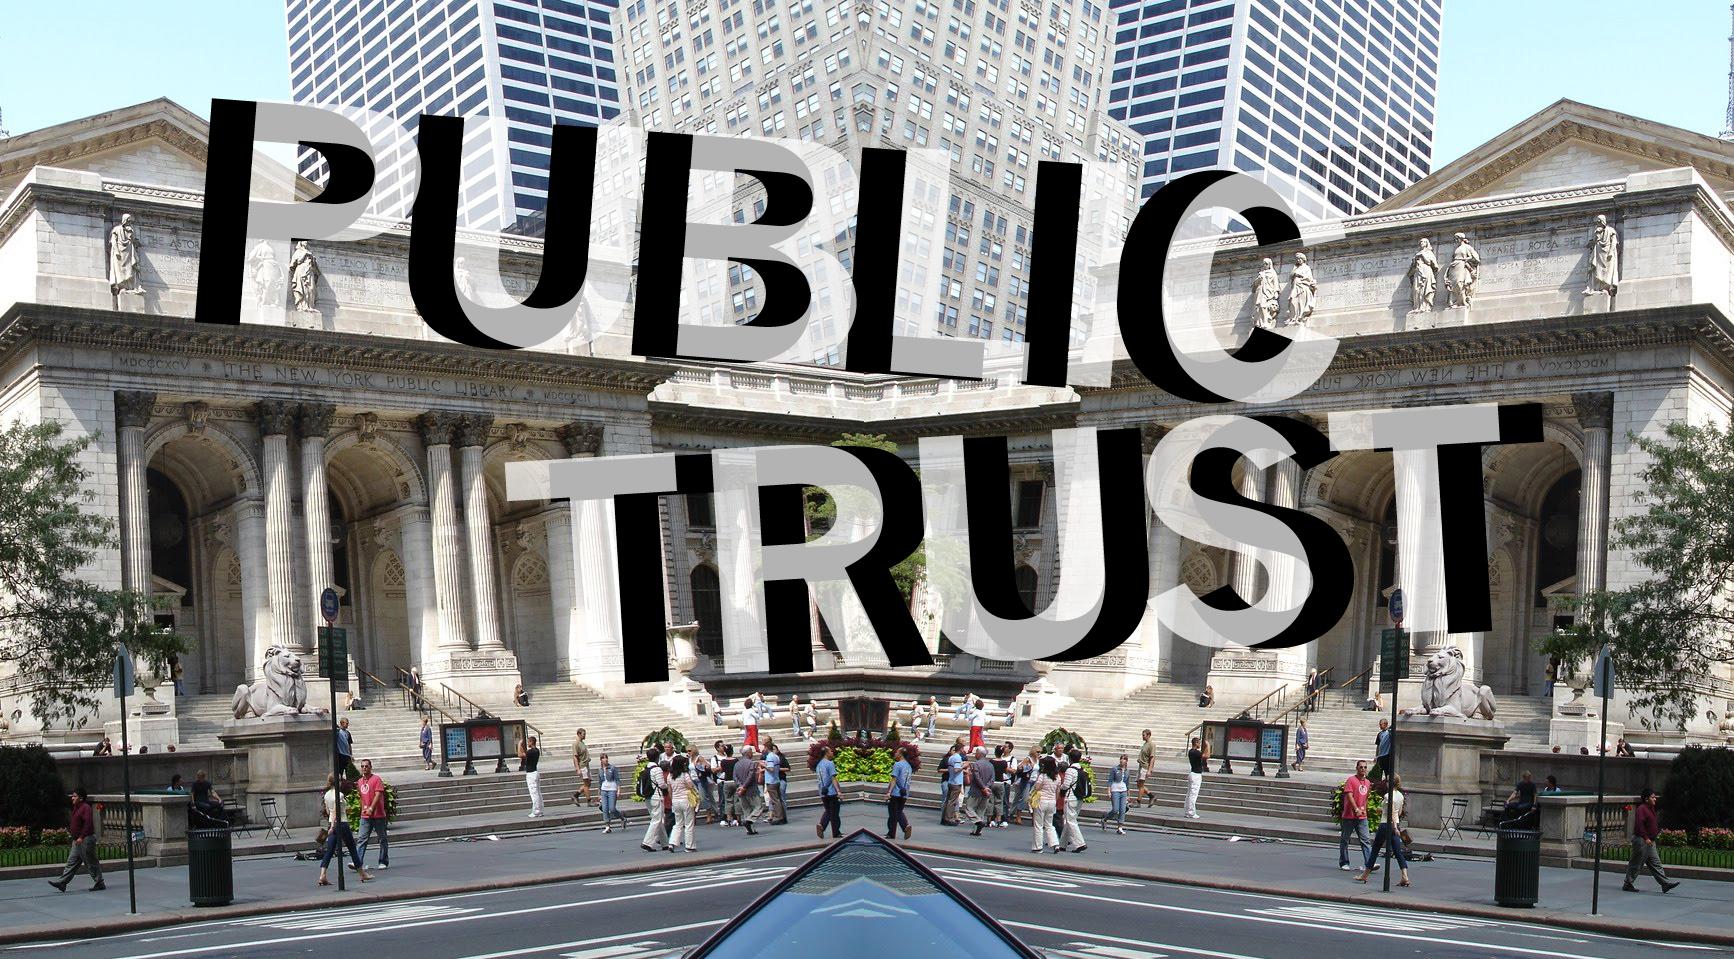 Public Trust Events